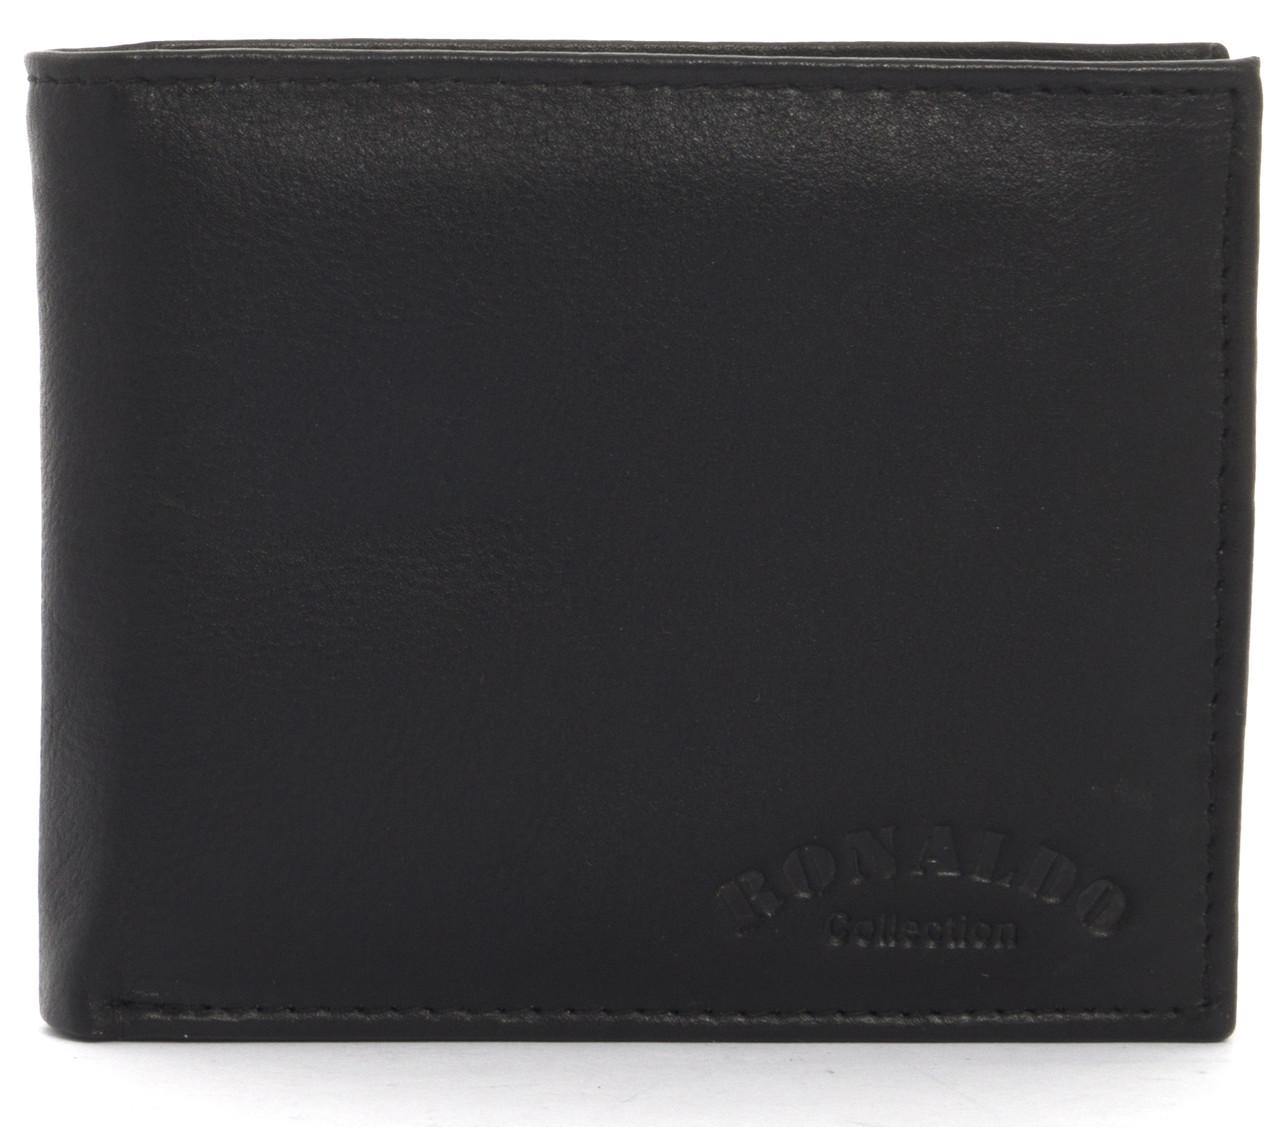 Кошелек мужской кожаный с большим количеством отделений RONALDO art. 0670-D черный, фото 1